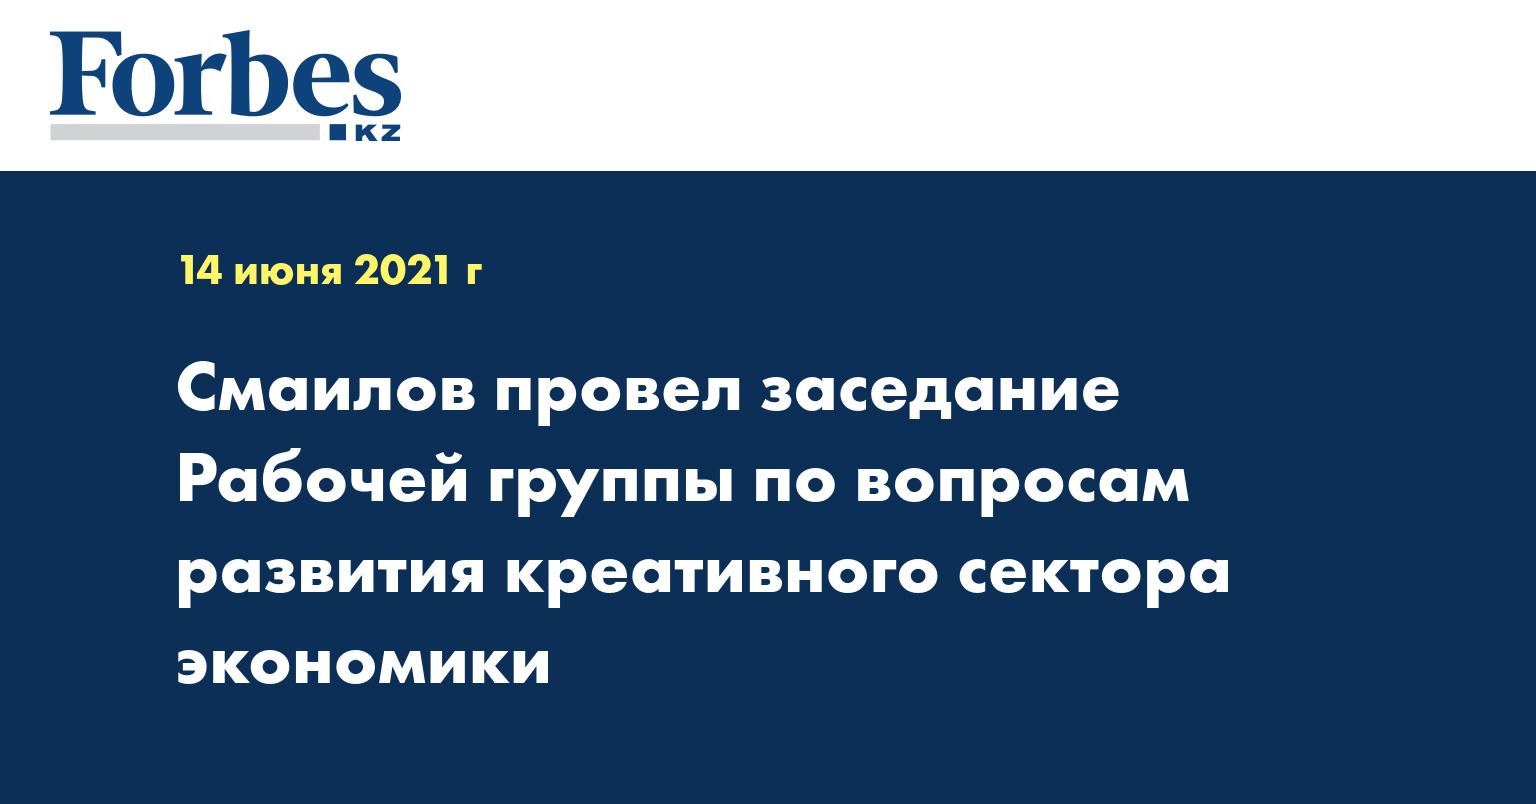 Смаилов провел заседание Рабочей группы по вопросам развития креативного сектора экономики